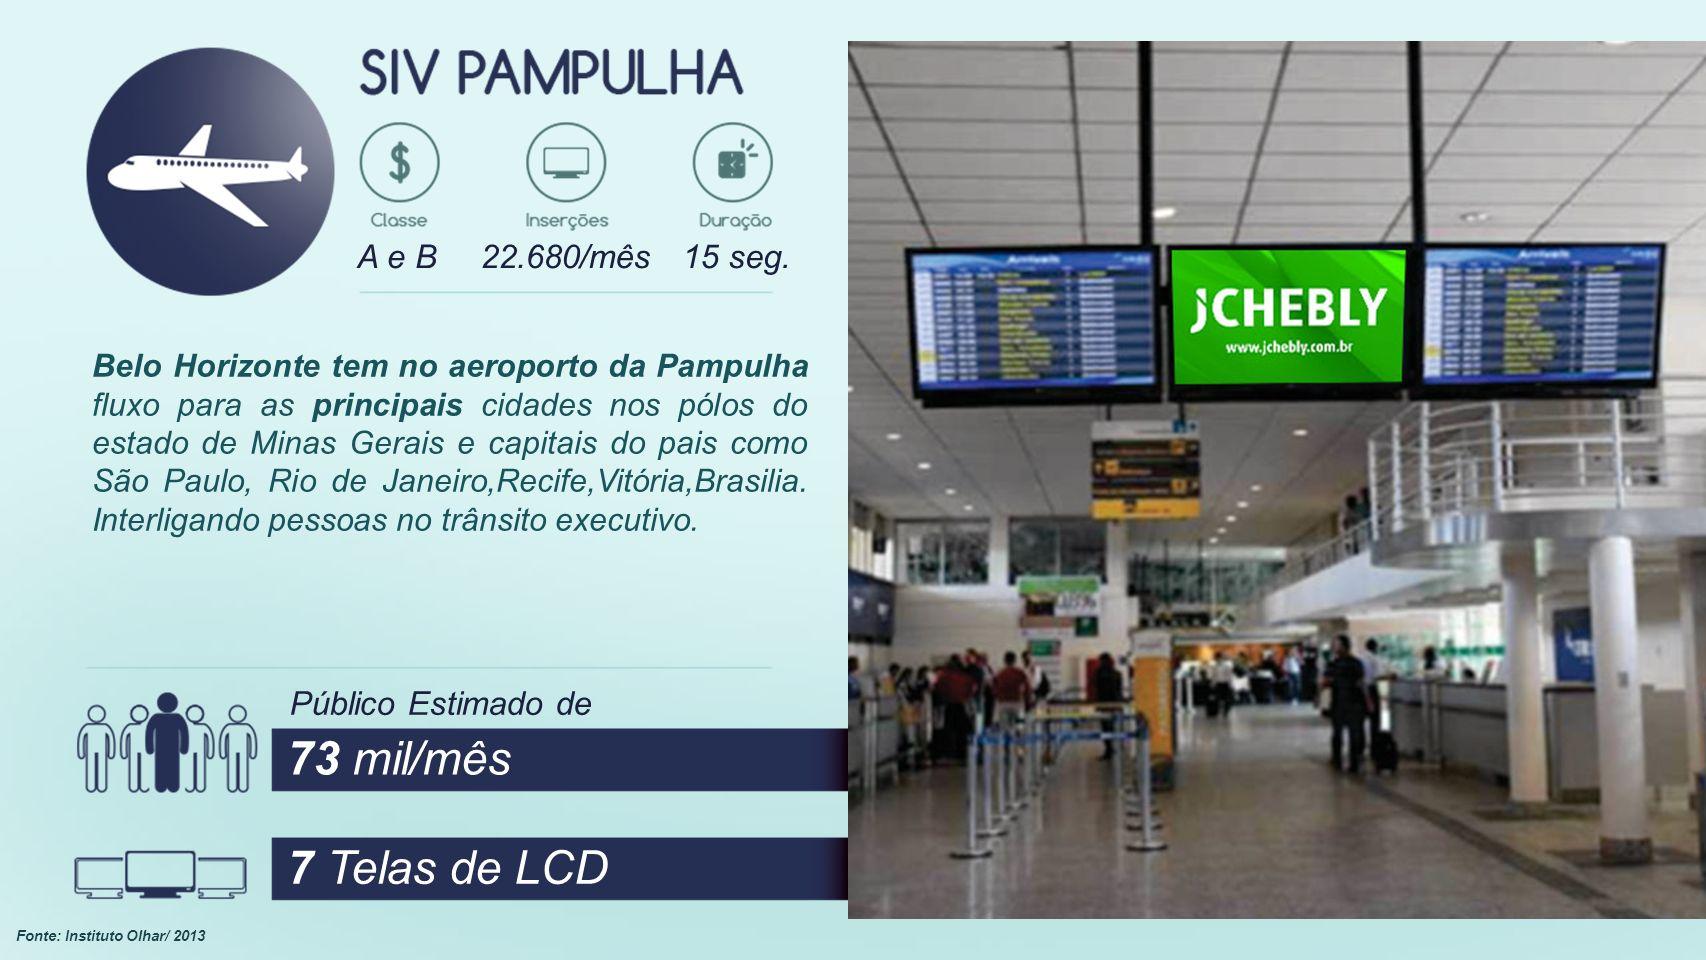 Belo Horizonte tem no aeroporto da Pampulha fluxo para as principais cidades nos pólos do estado de Minas Gerais e capitais do pais como São Paulo, Rio de Janeiro,Recife,Vitória,Brasilia.